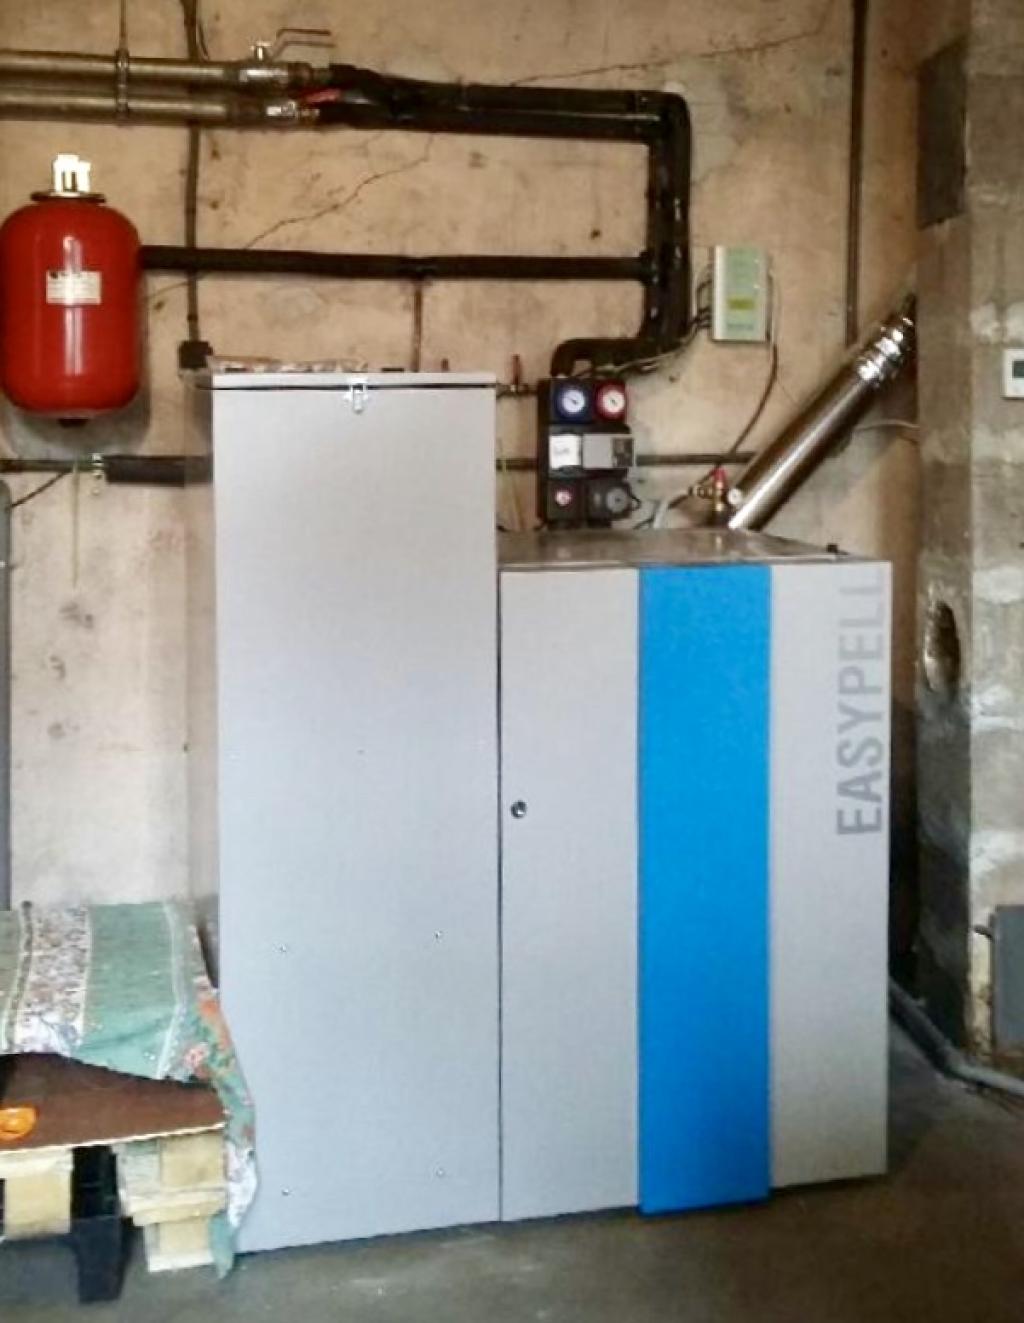 Installateur chaudière granulés de bois easypell - remplacement chaudière bois/Pellets